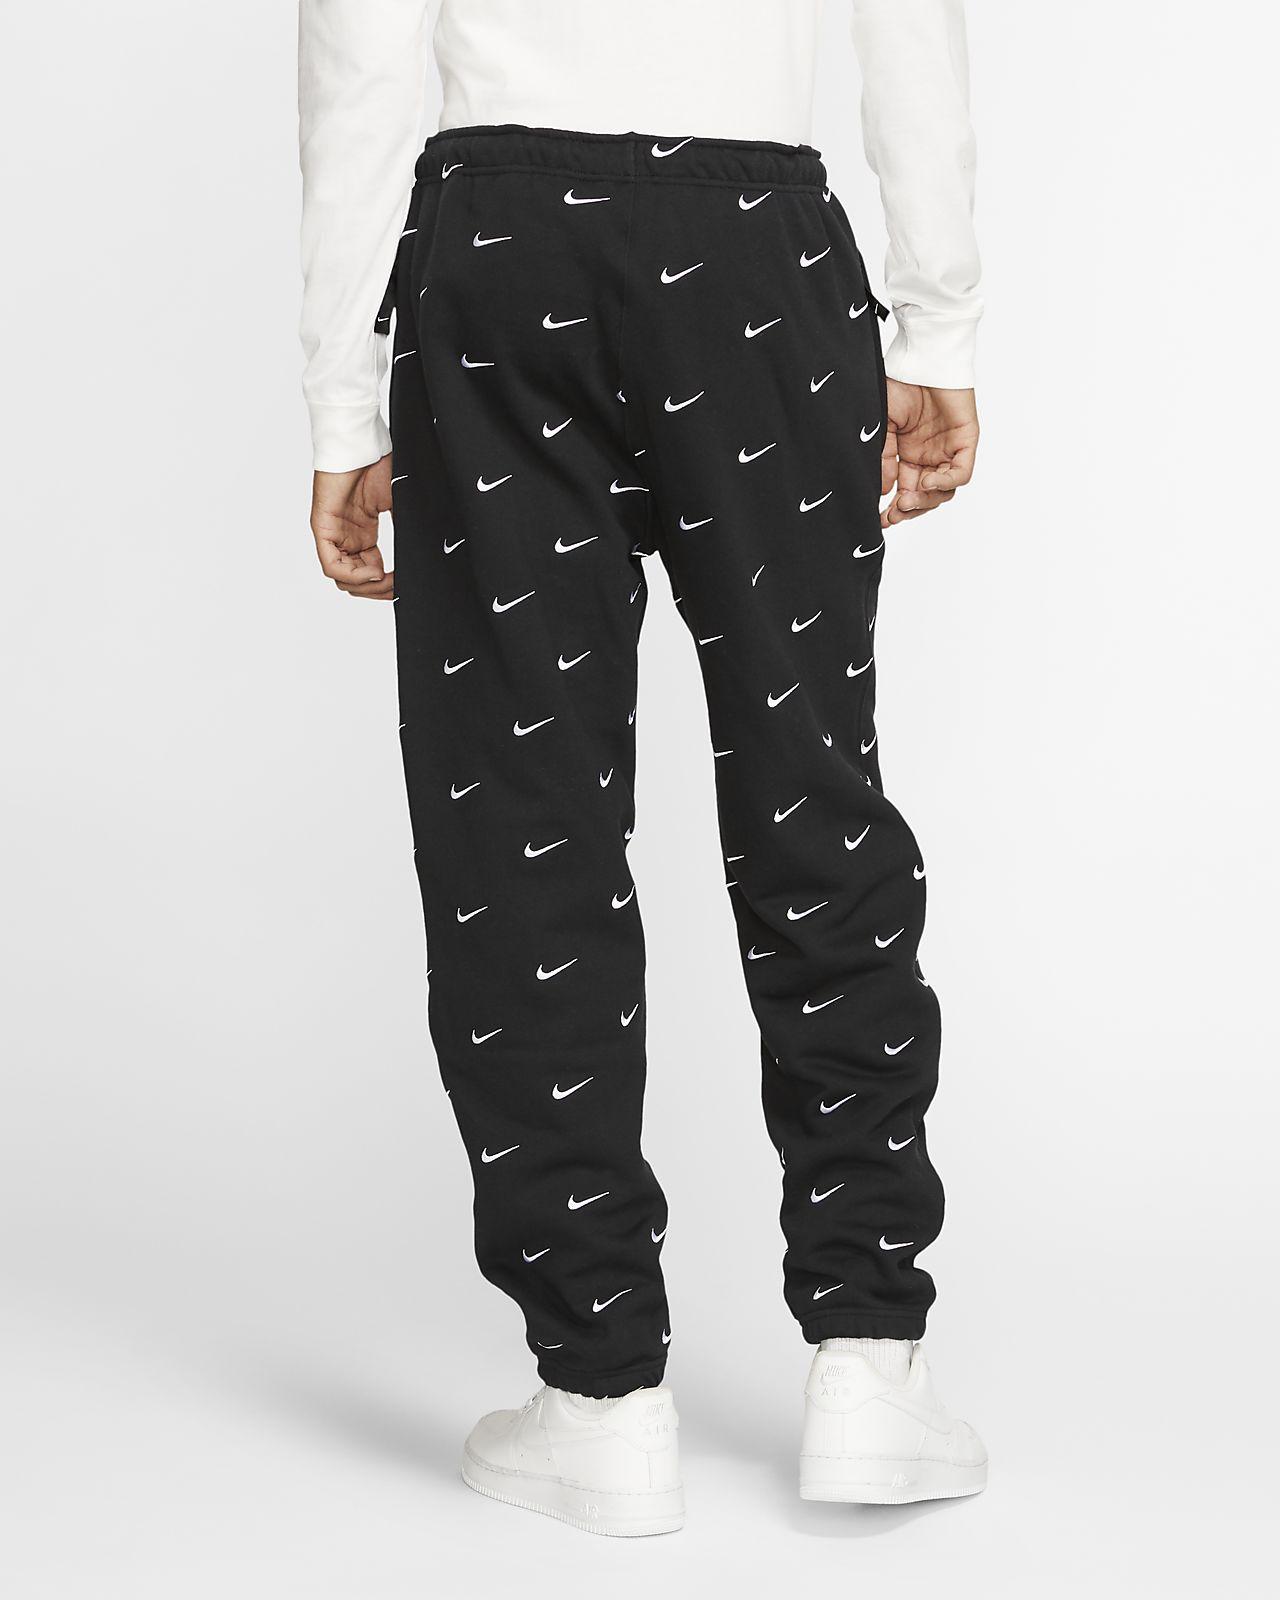 Całkiem nowy bliżej na kup sprzedaż Męskie spodnie z logo Swoosh Nike